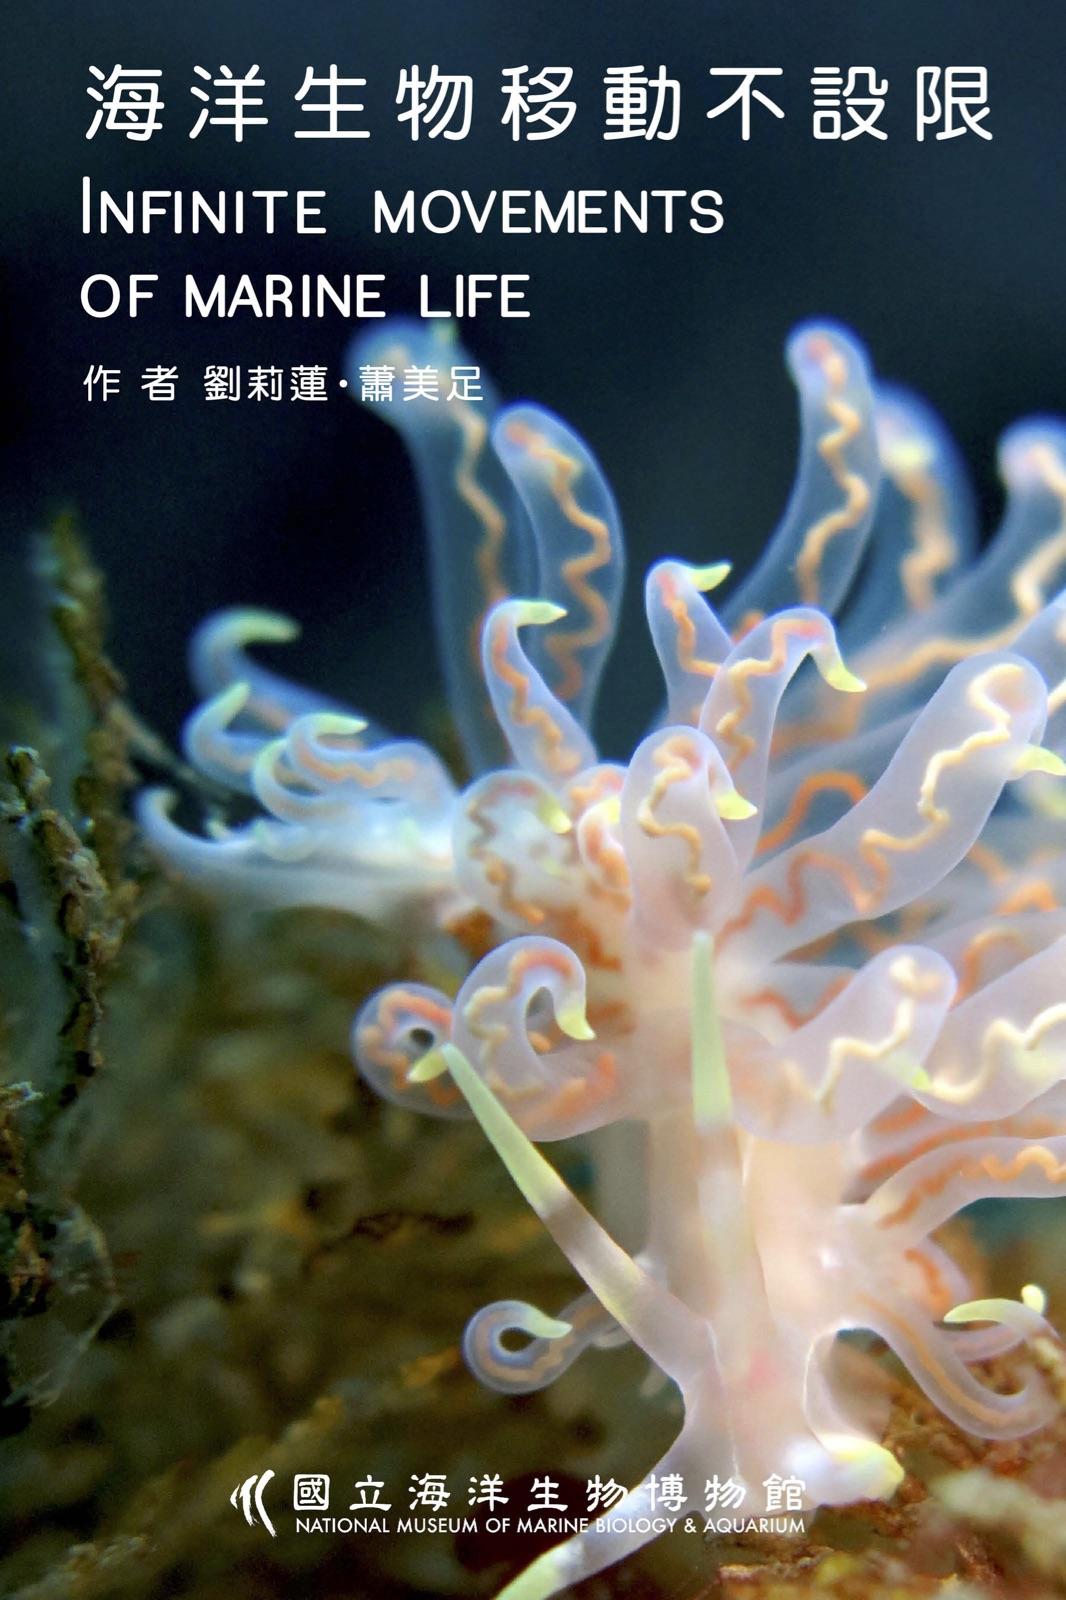 海洋生物移動不設限